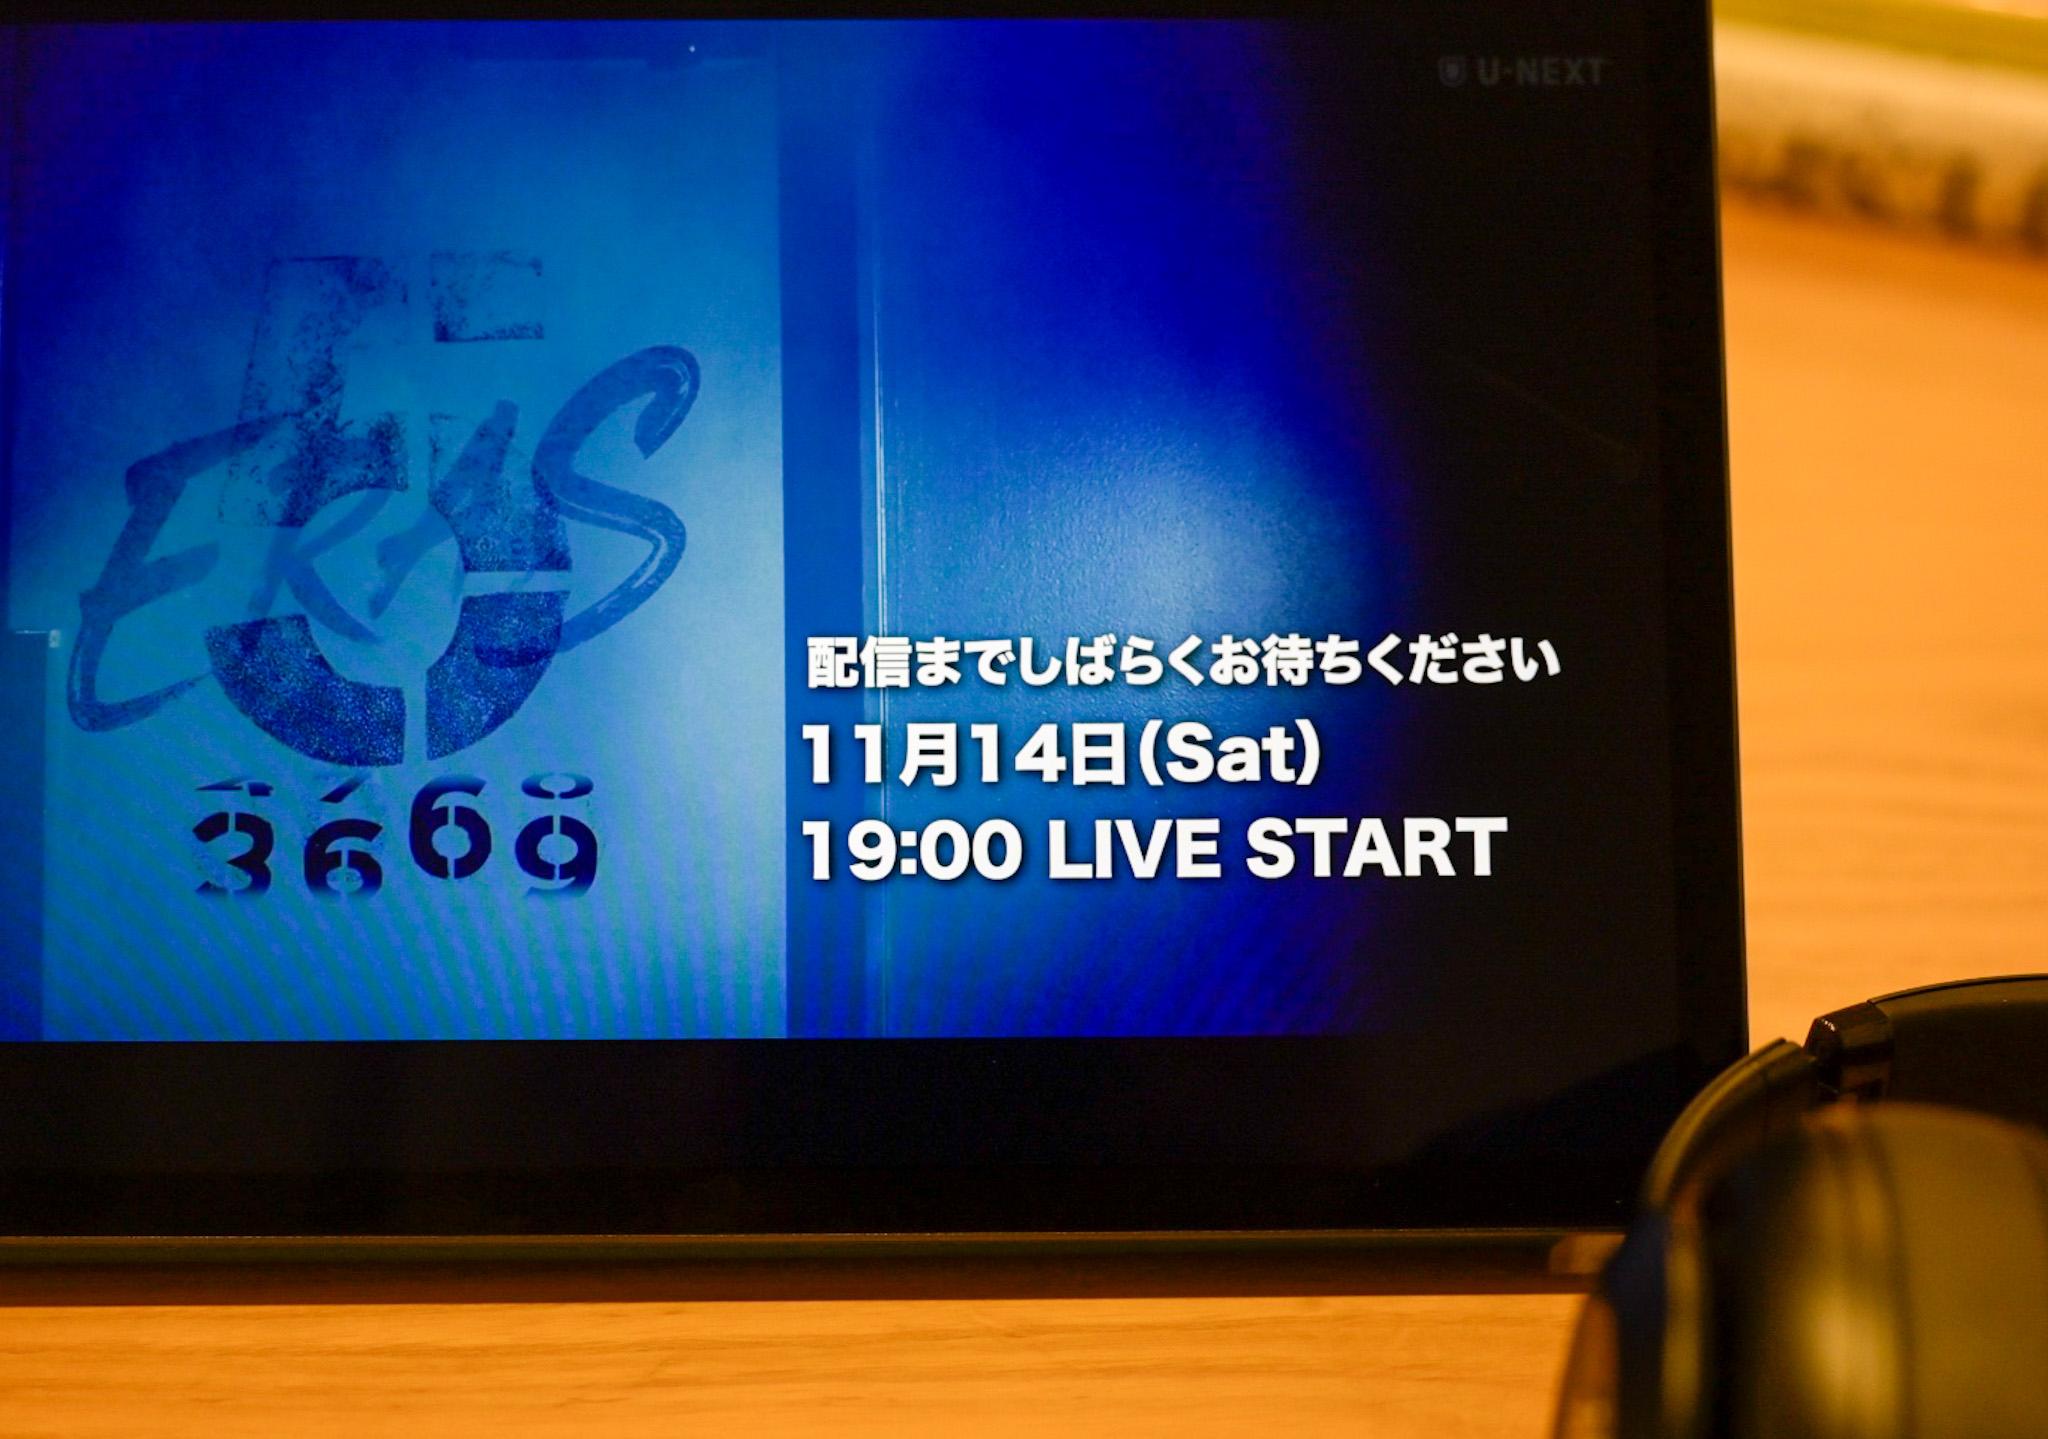 bz-5-eras-day3-1114-sat-setlist-1